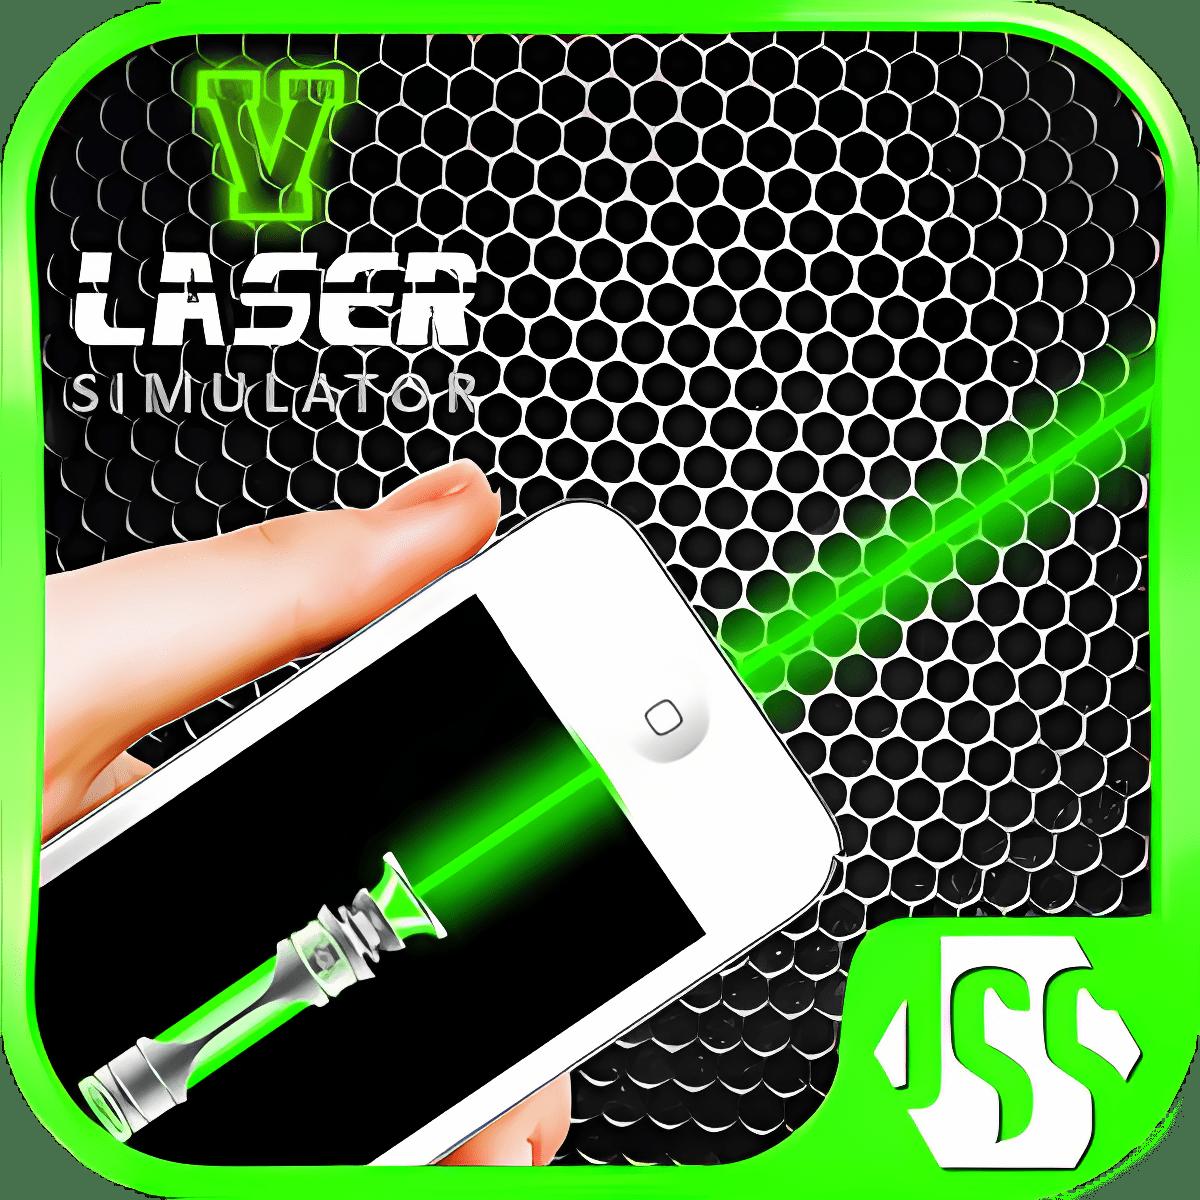 Laser Simulador V 1.5 y versiones superiores